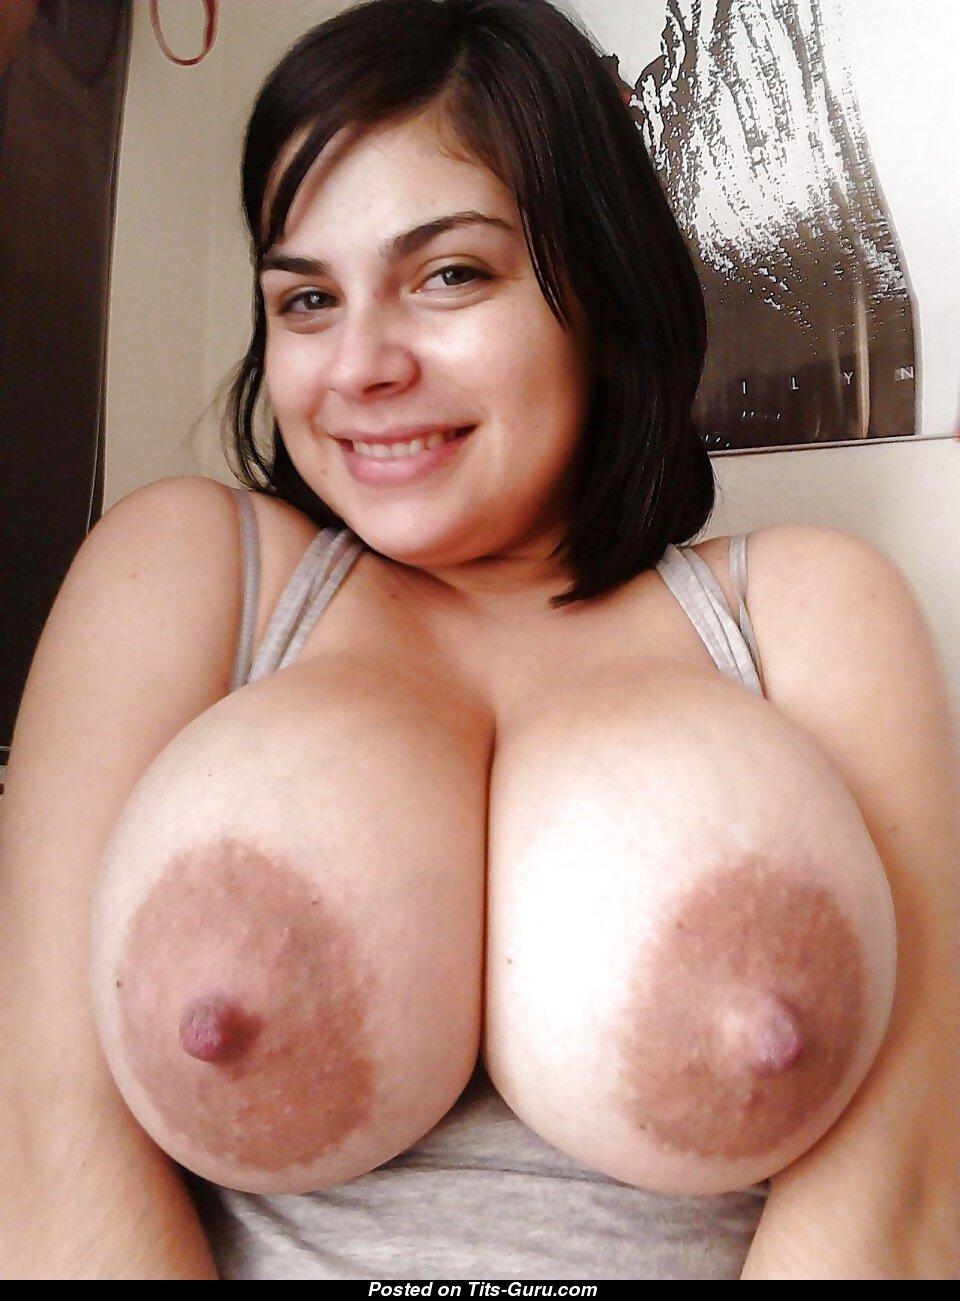 Большие соски большие титьки, порно с огромным хуйом